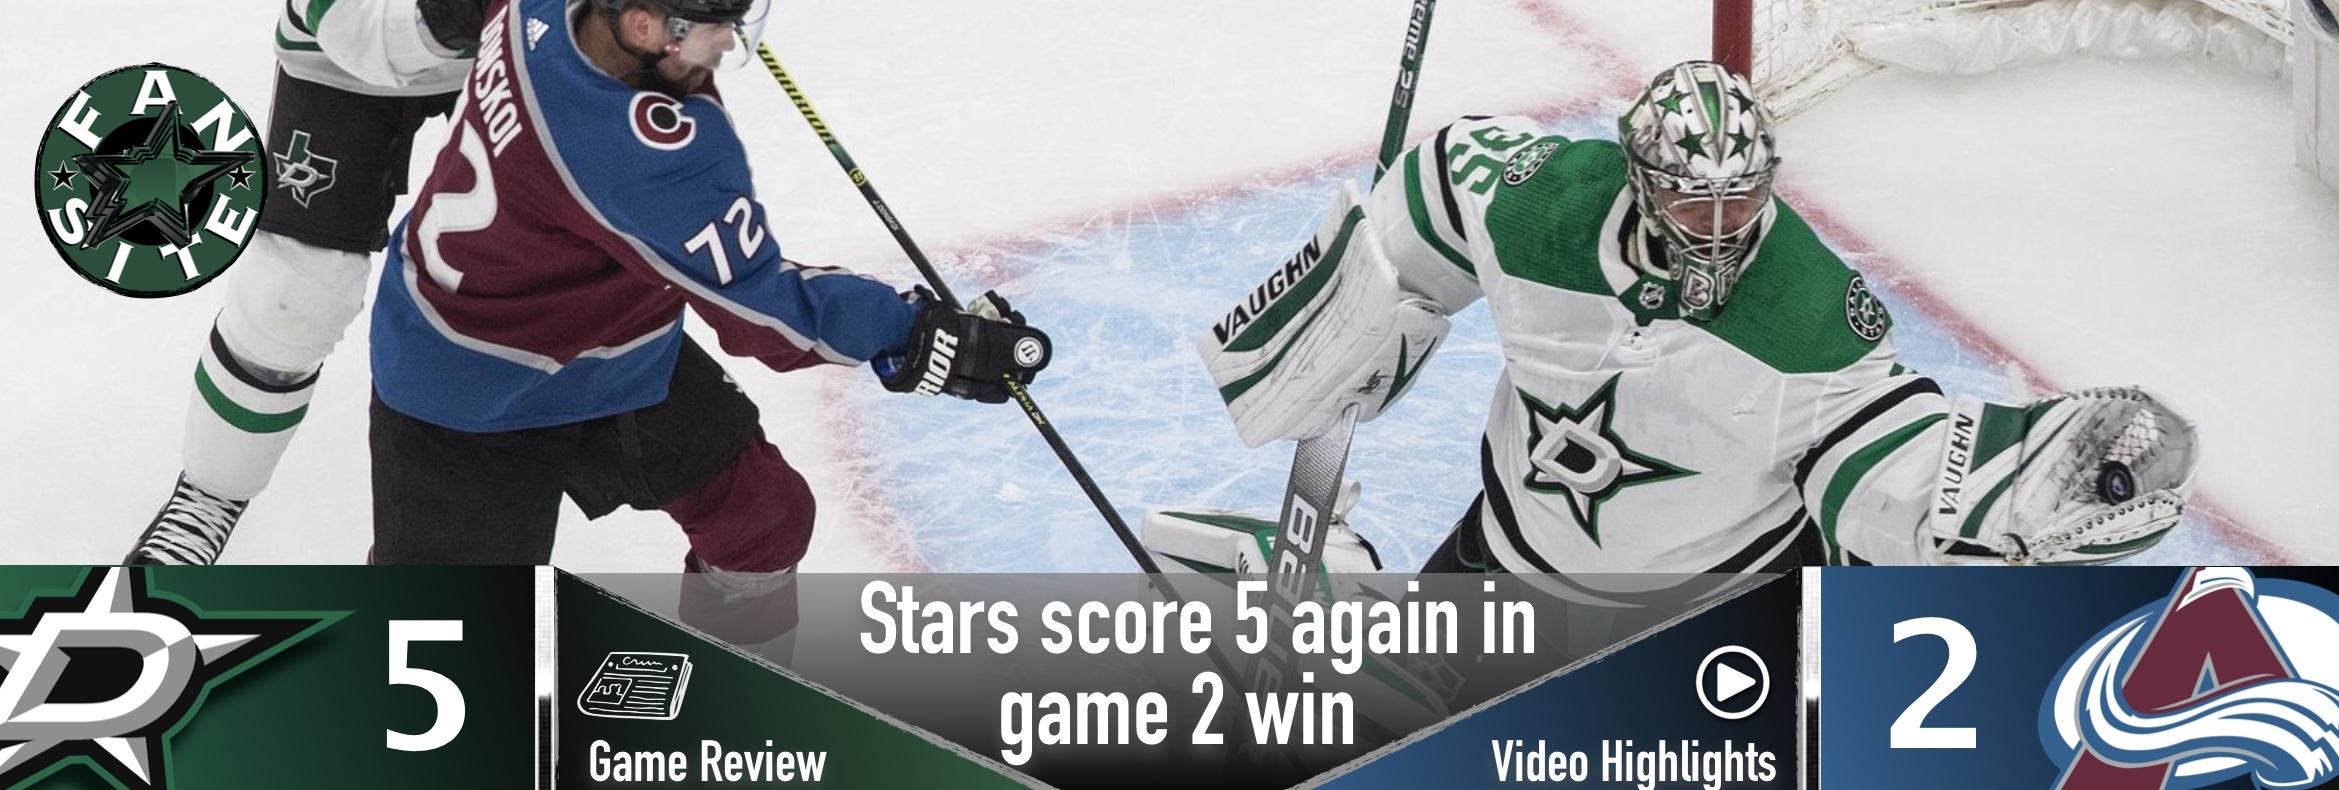 Stars score 5 again in game 2 win